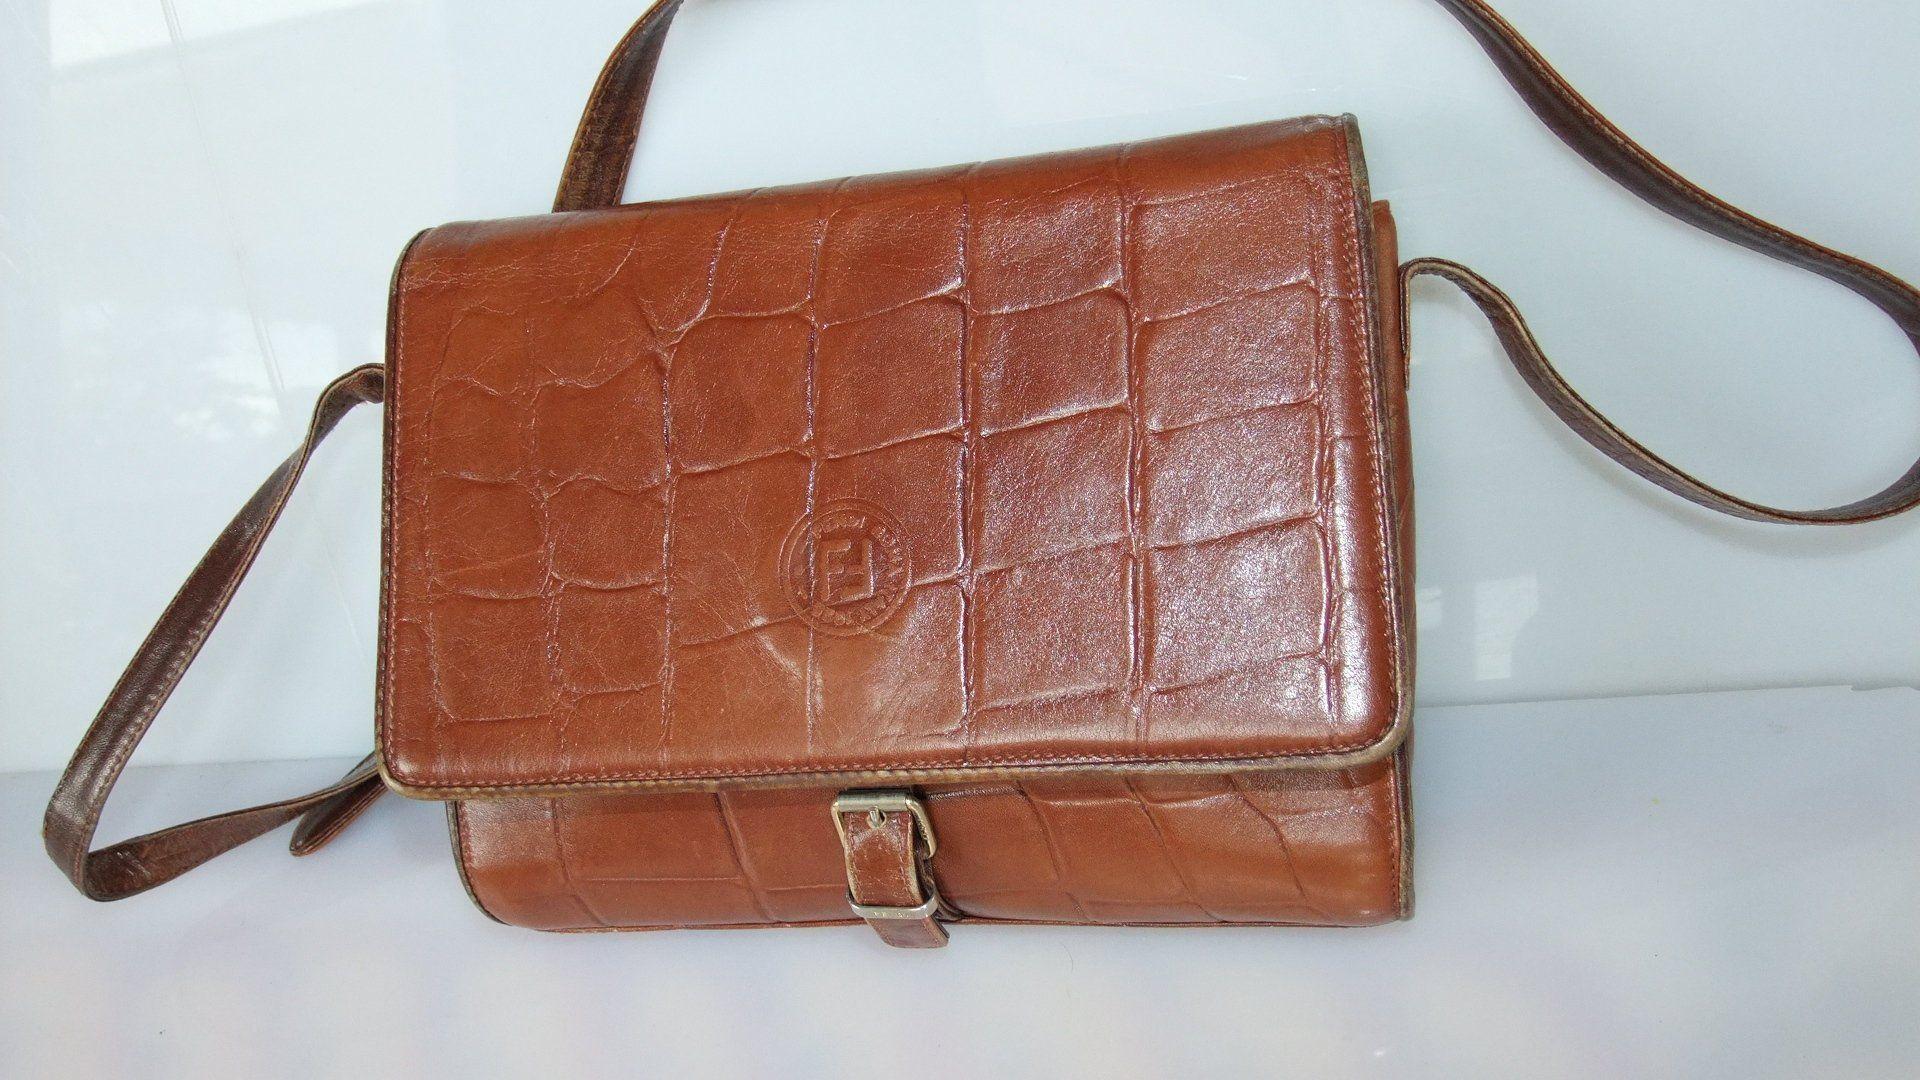 0704511d6942 vintage fendi bag